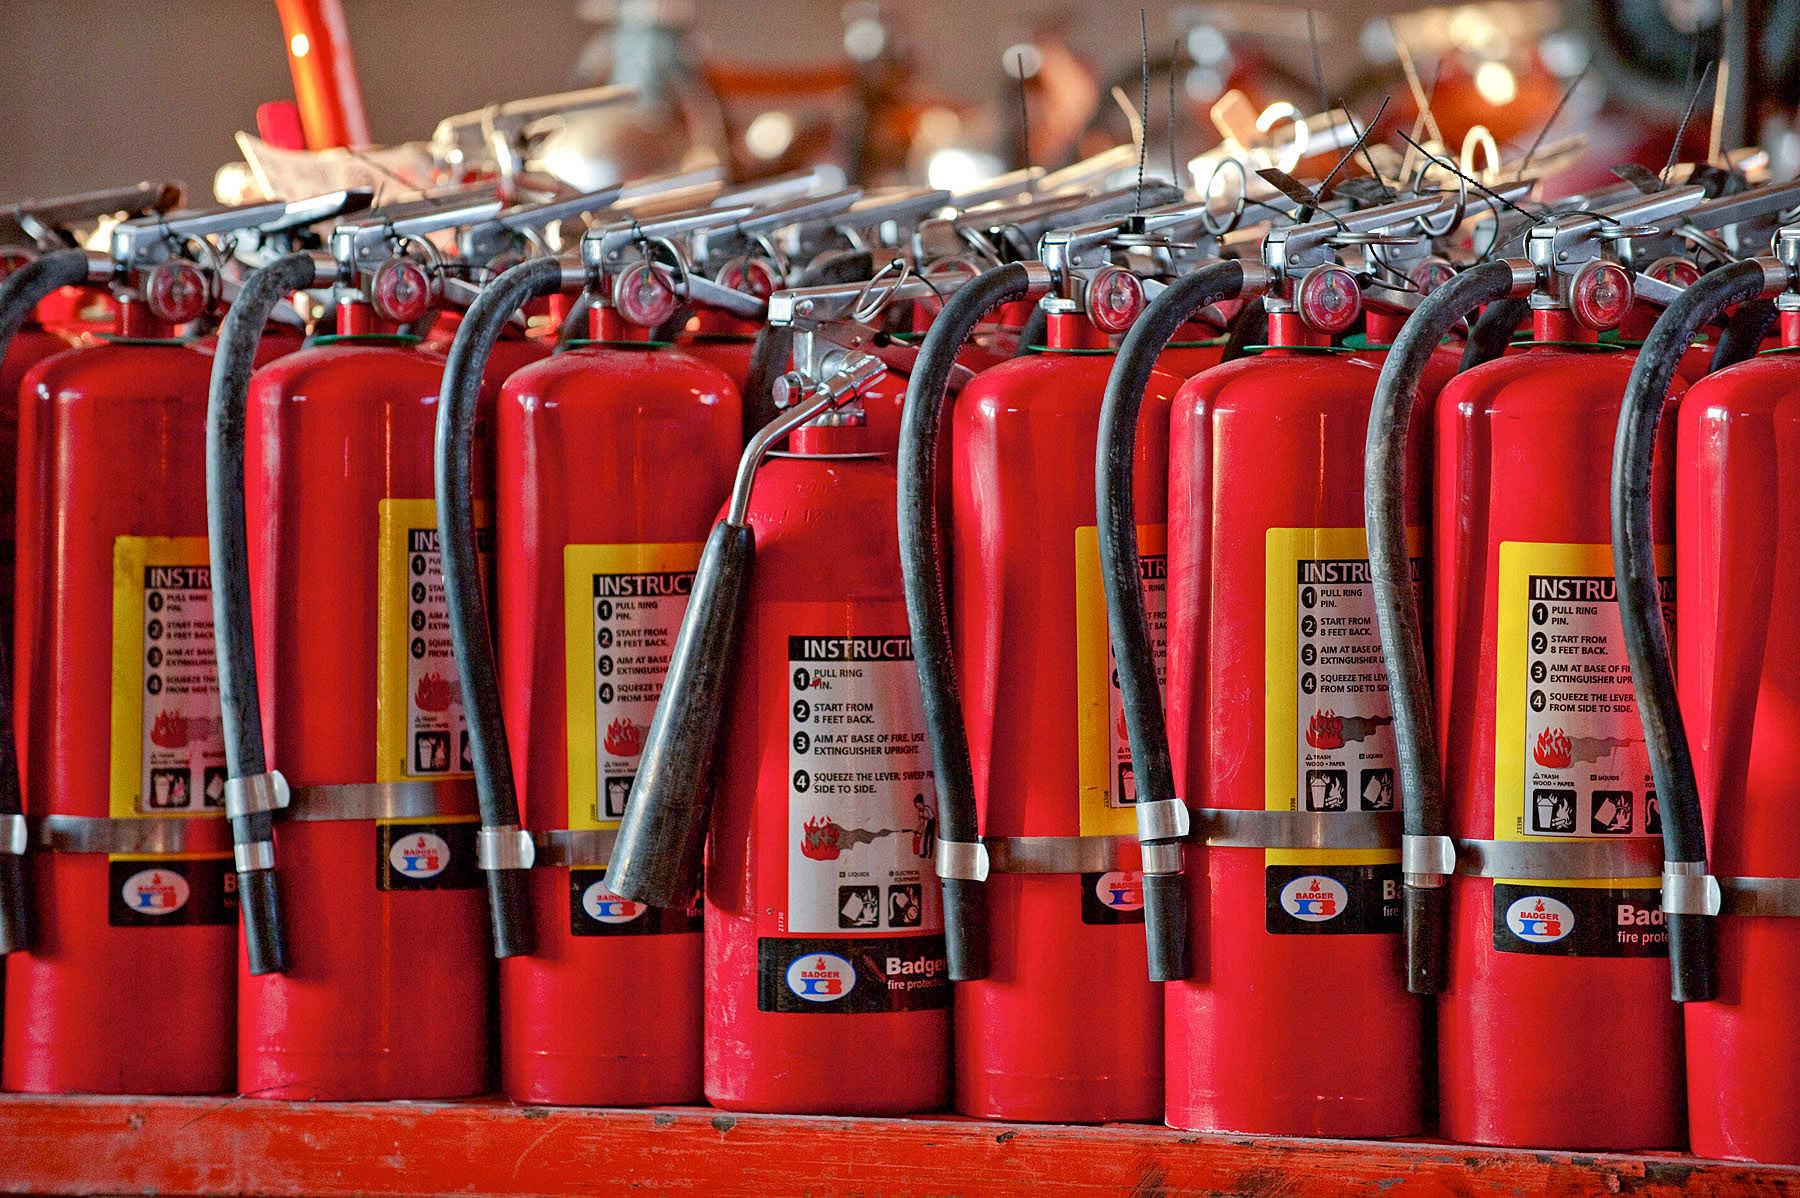 Огнетушители относятся к первичным средствам борьбы с возгоранием